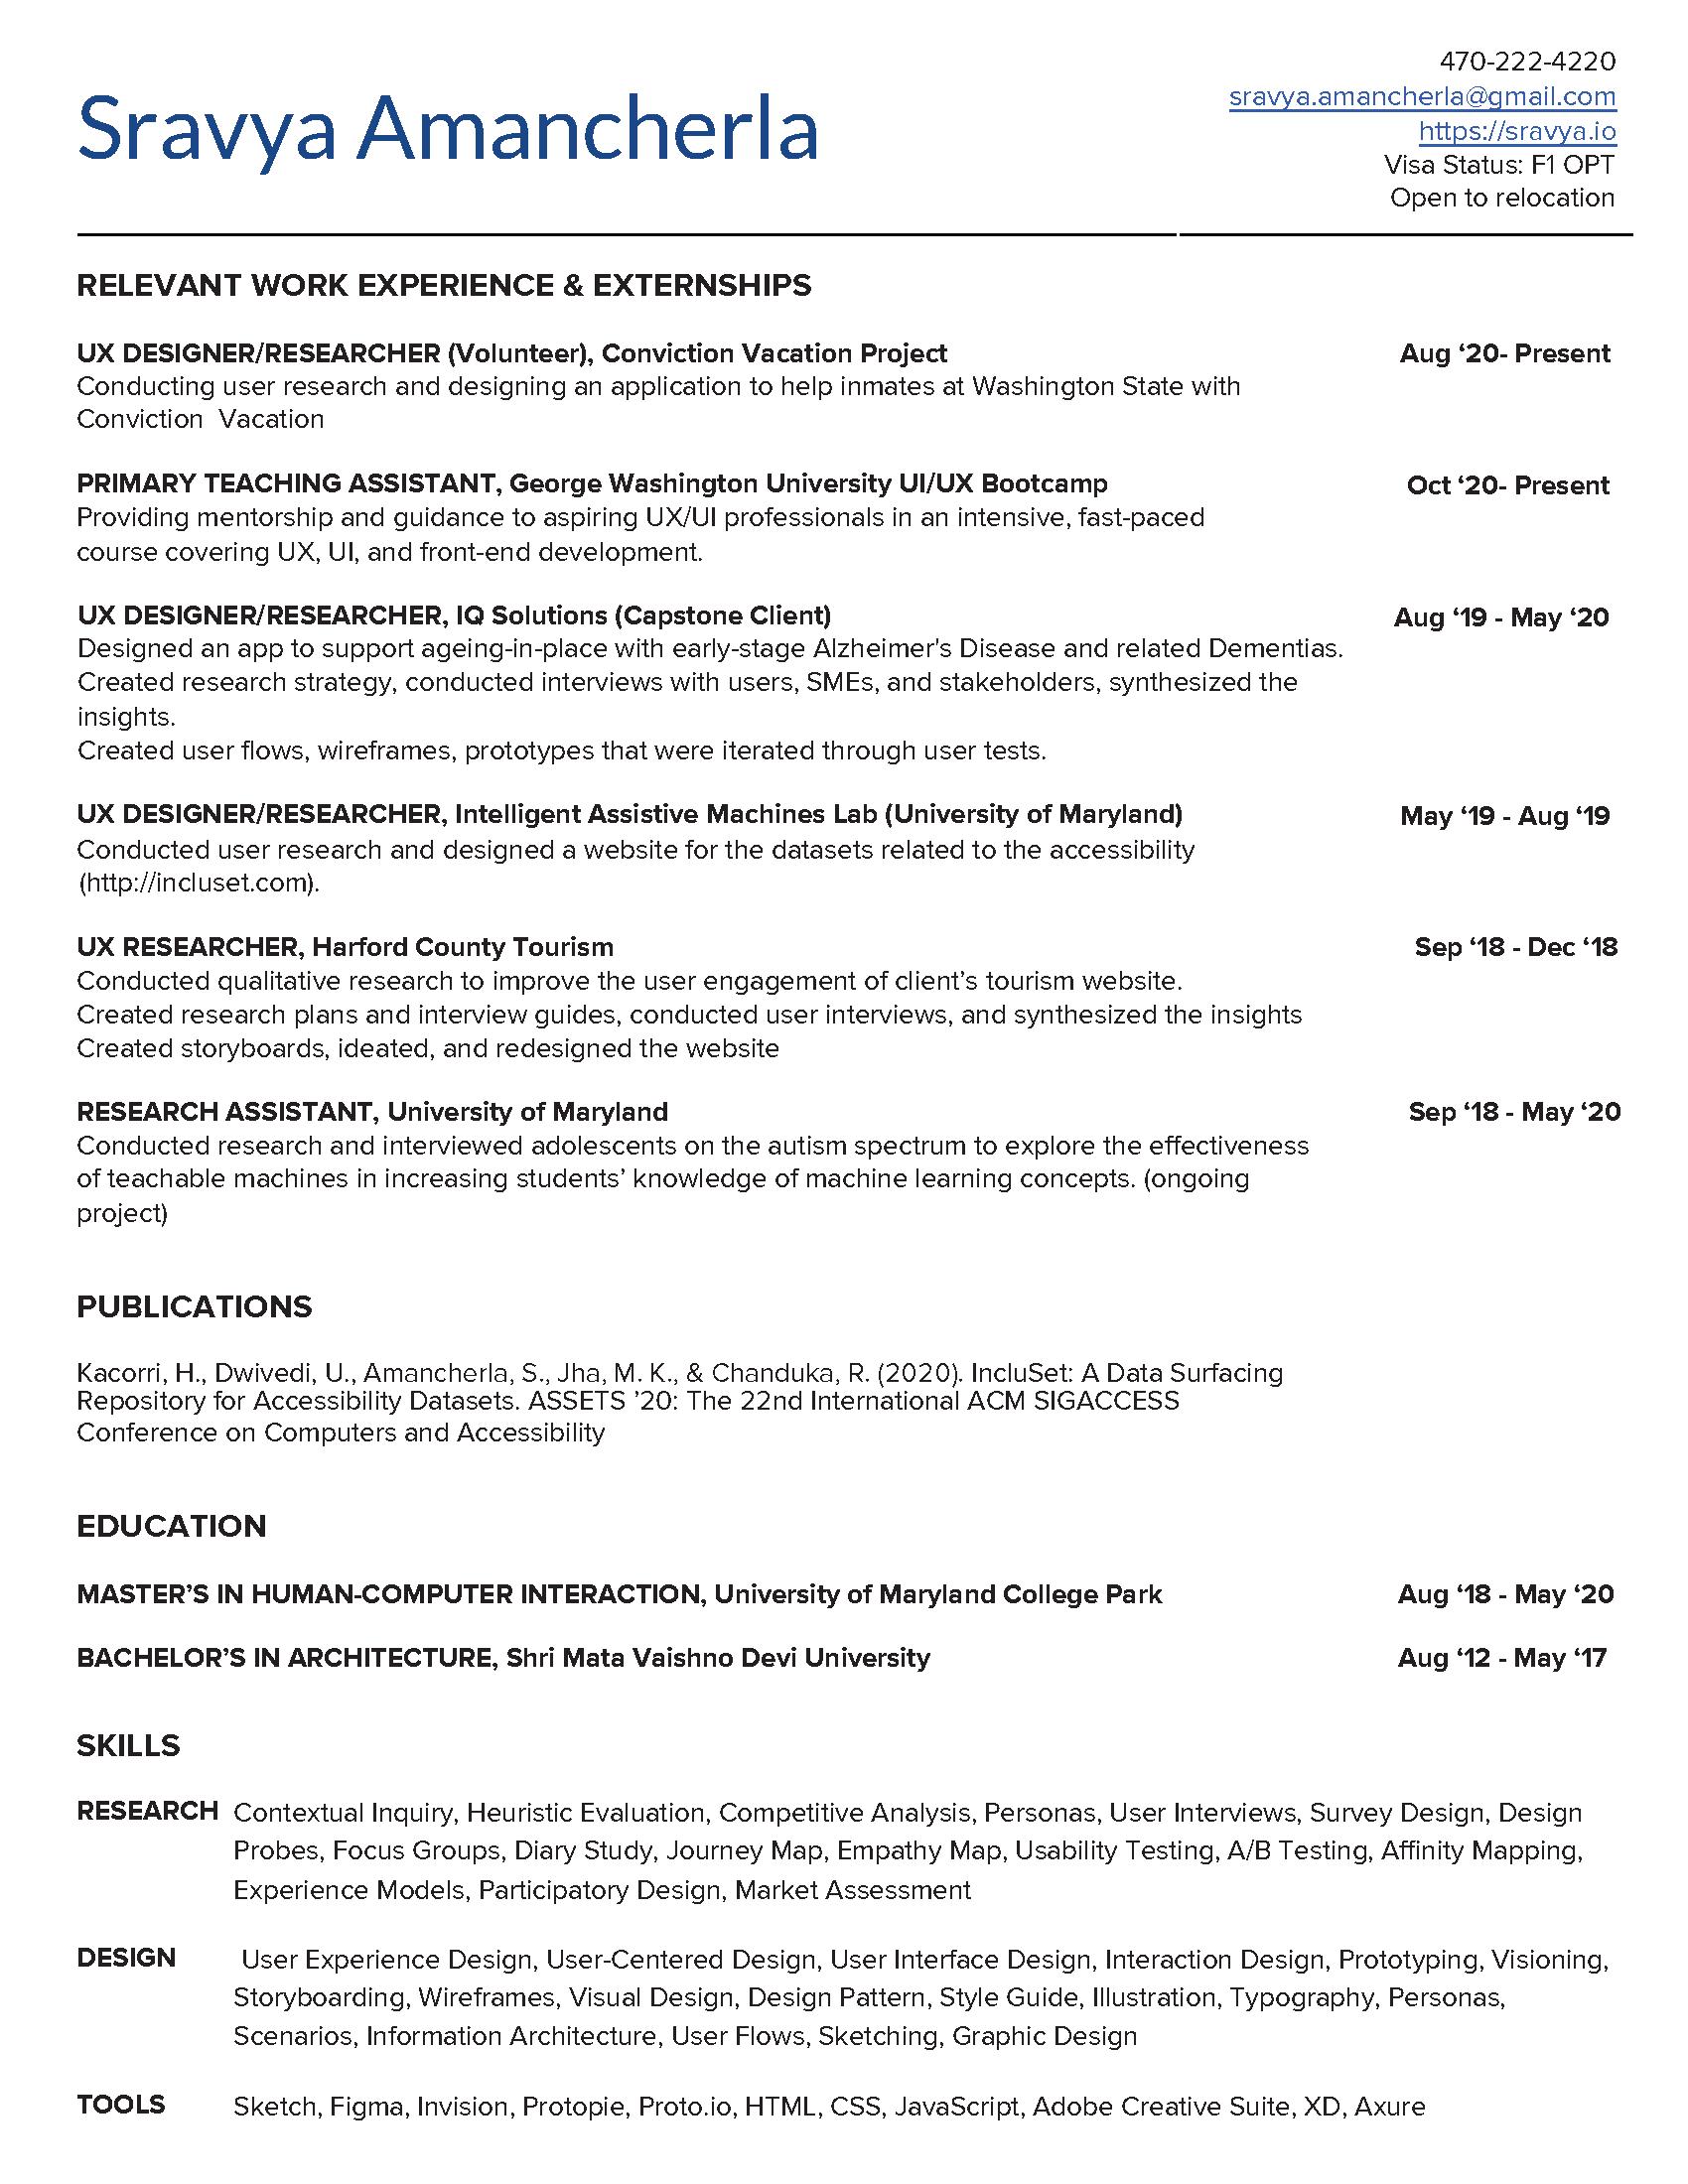 Web_Resume_SA